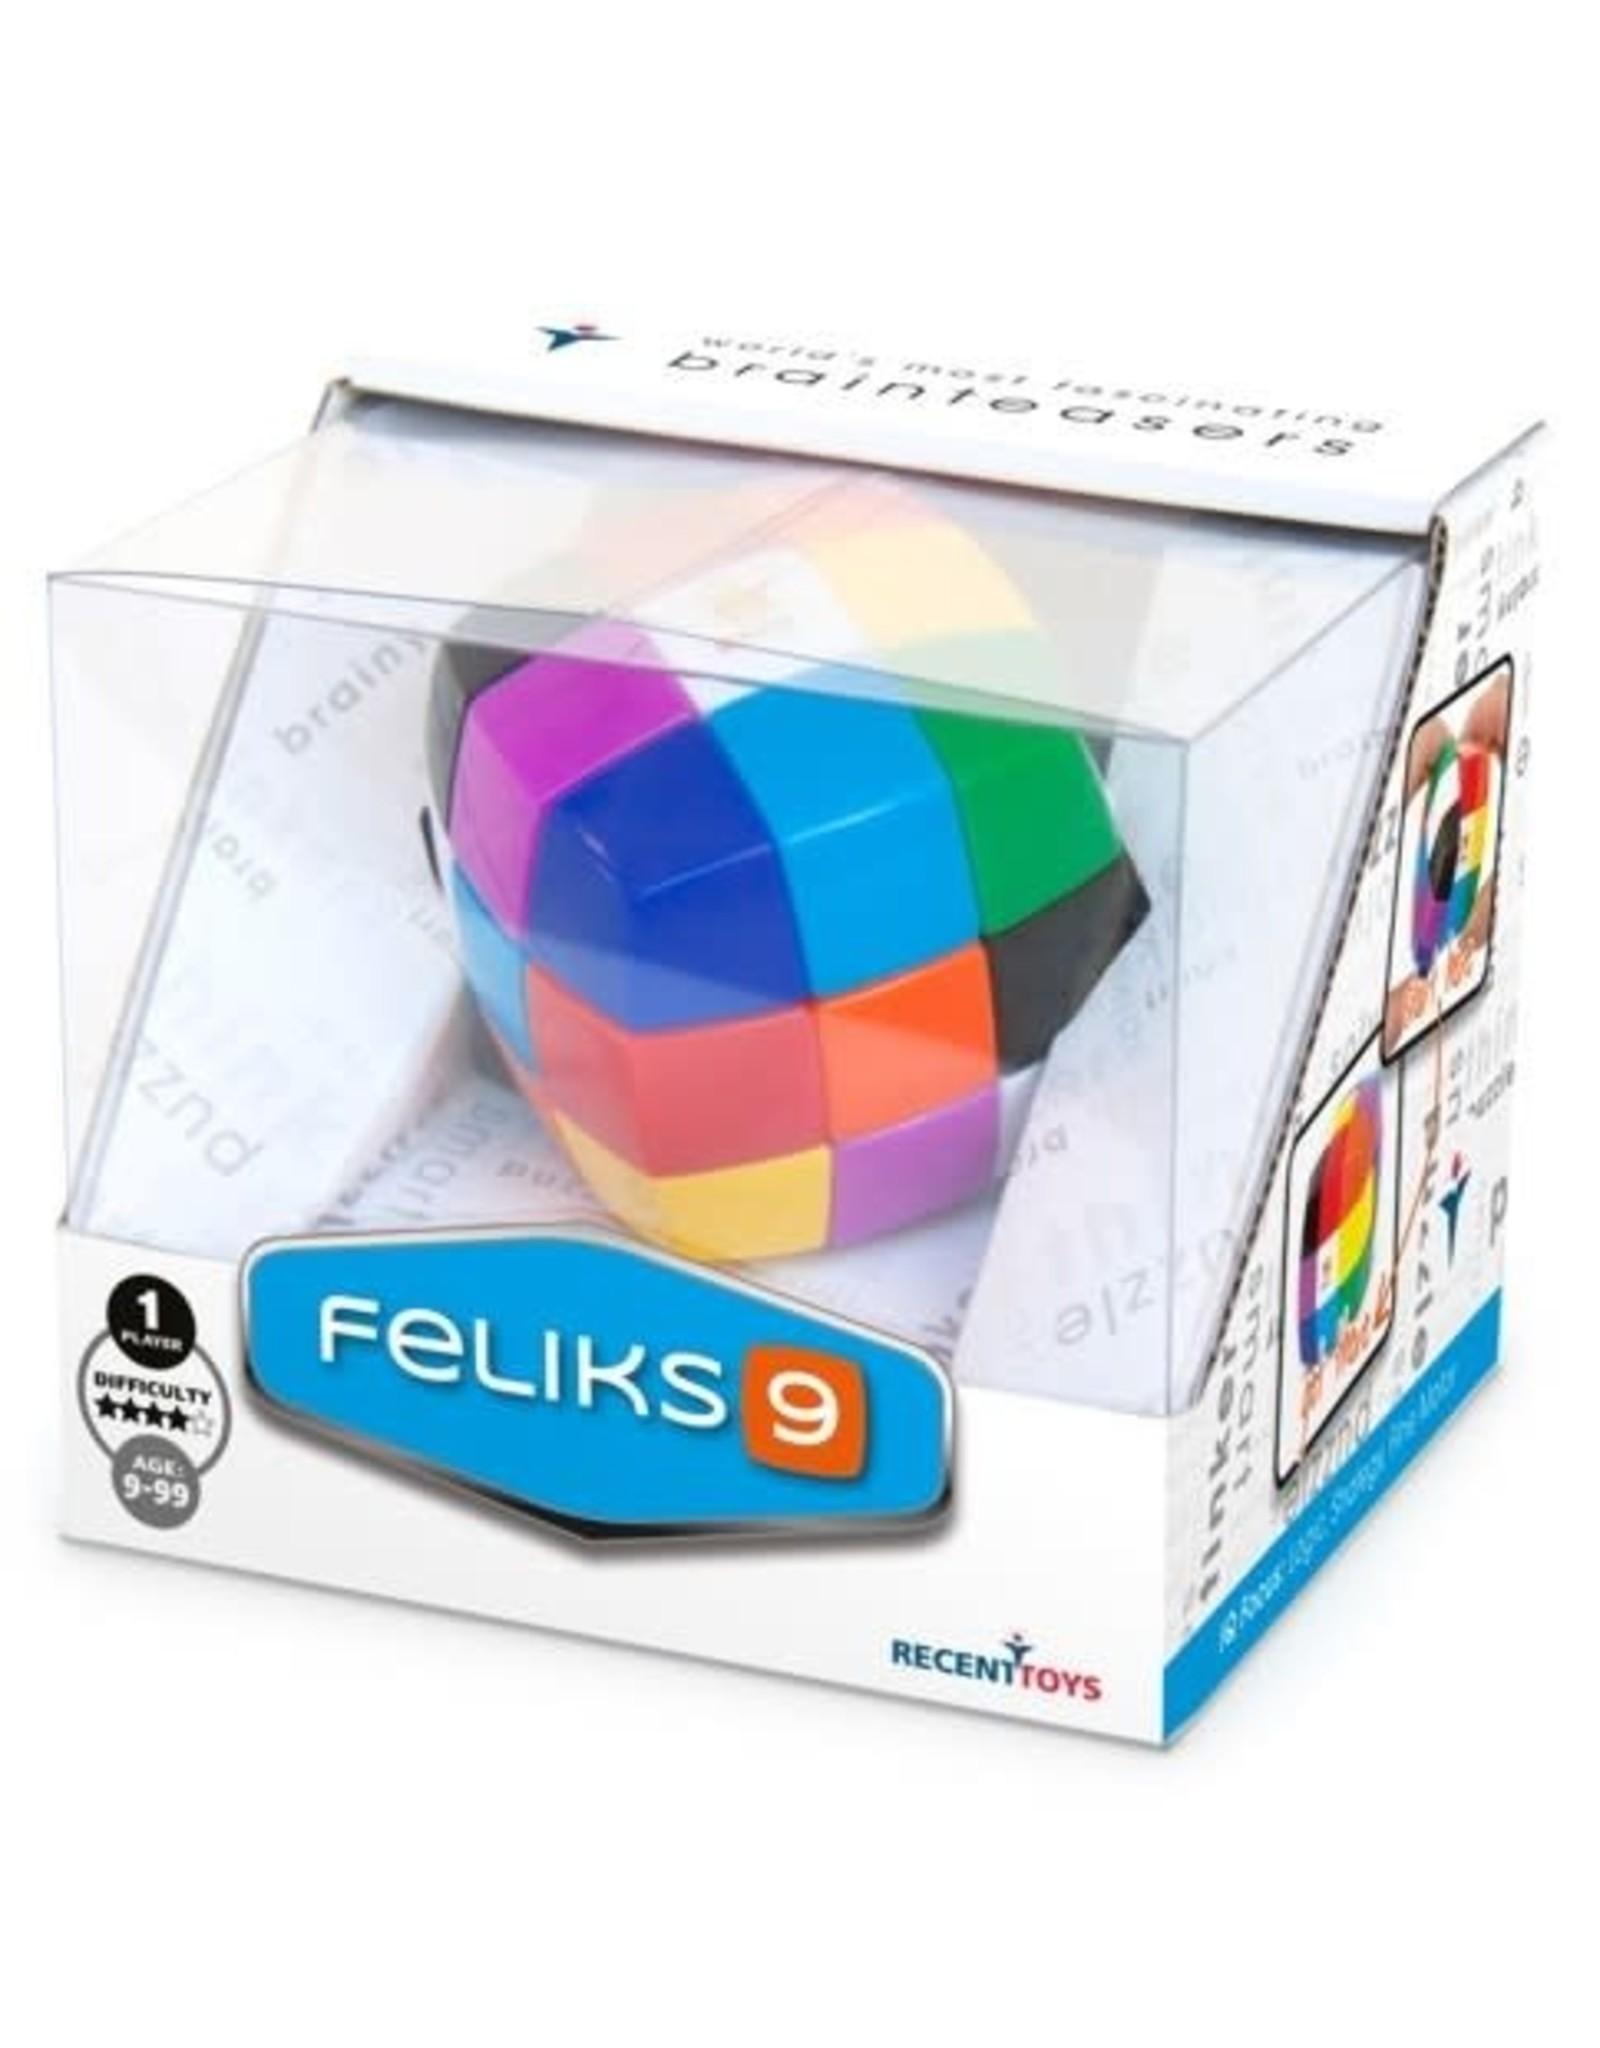 Recent Toys Meffert's Feliks 9 Brainpuzzel